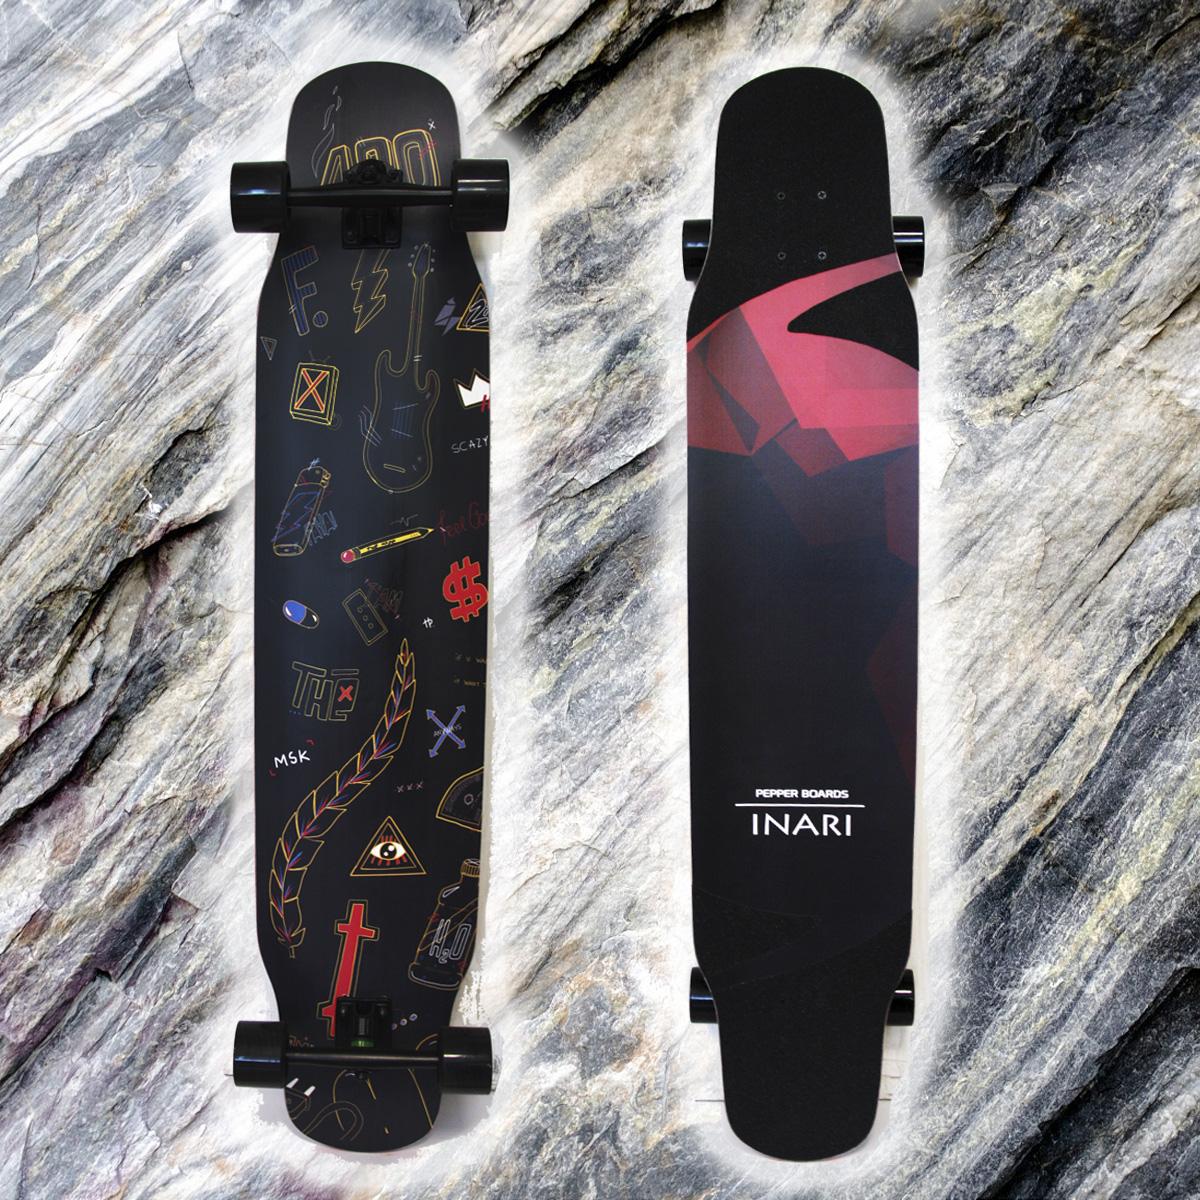 Лонгборд комплект Pepper Boards Inari 48 /122см